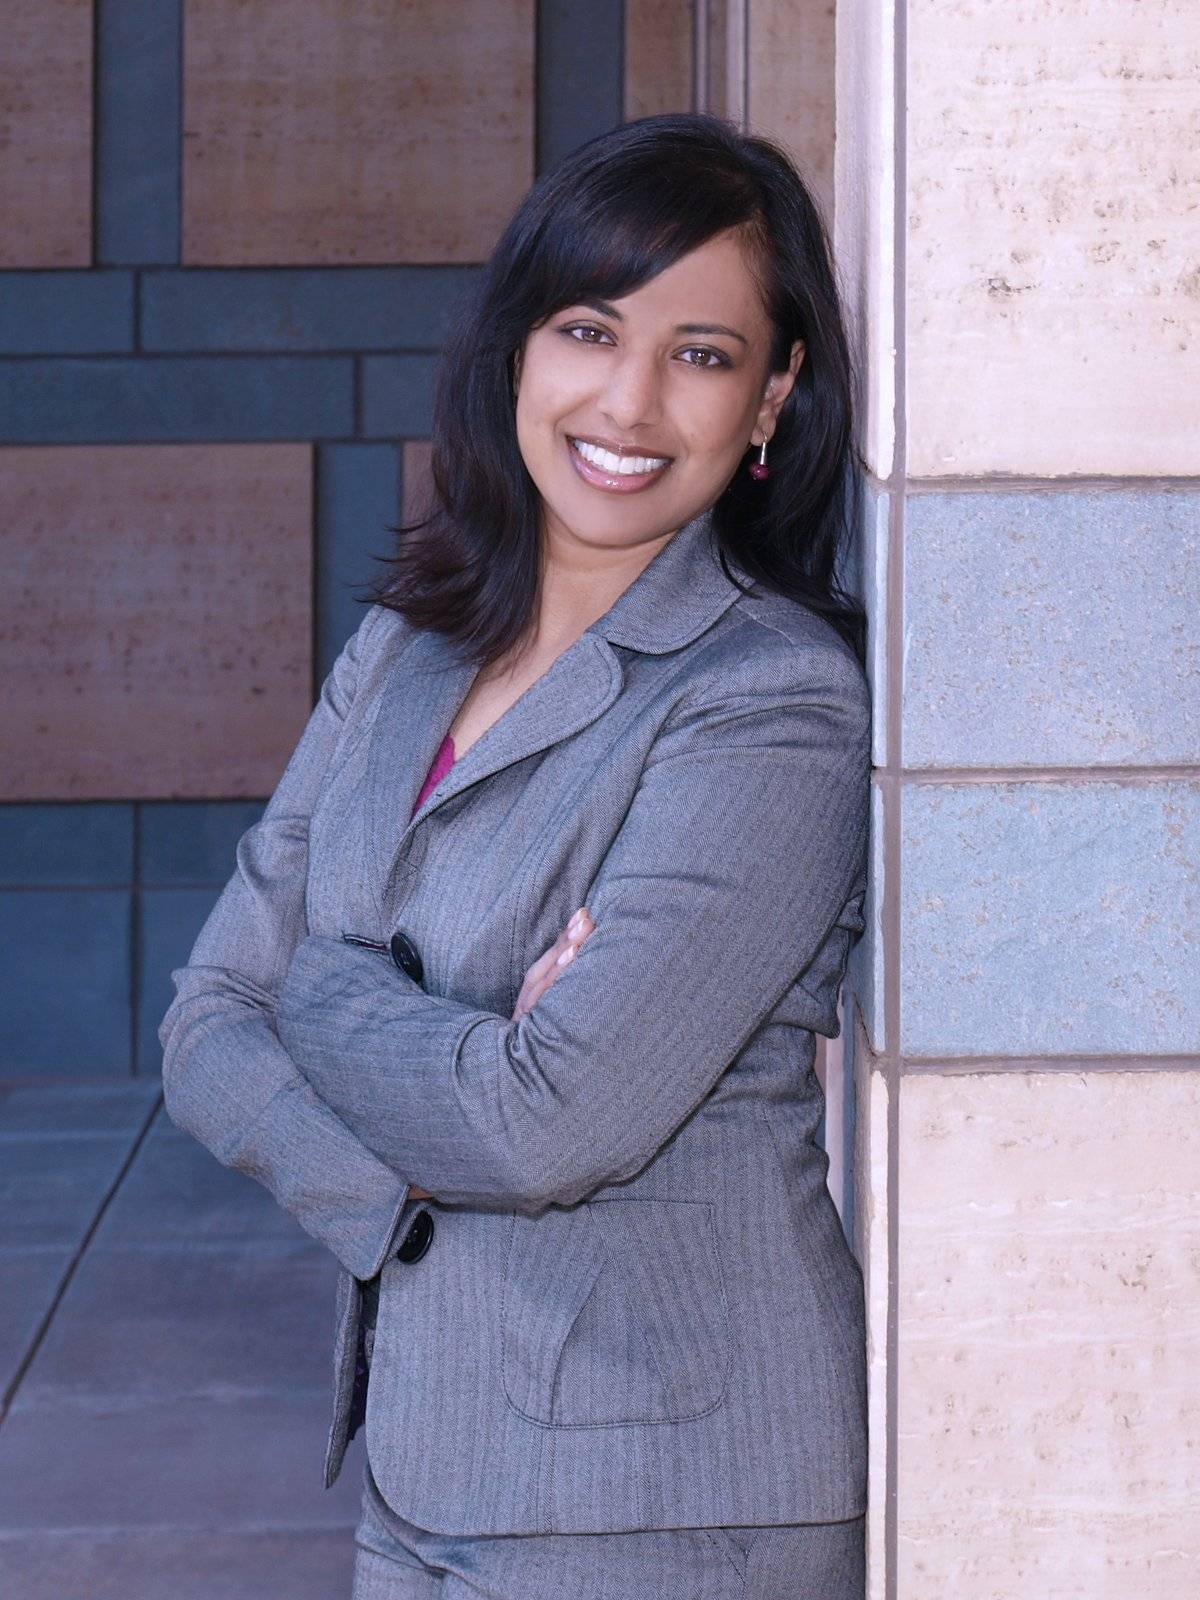 Dr. Amaal Starling, profesor asistente de Neurología, Clínica Mayo, Arizona